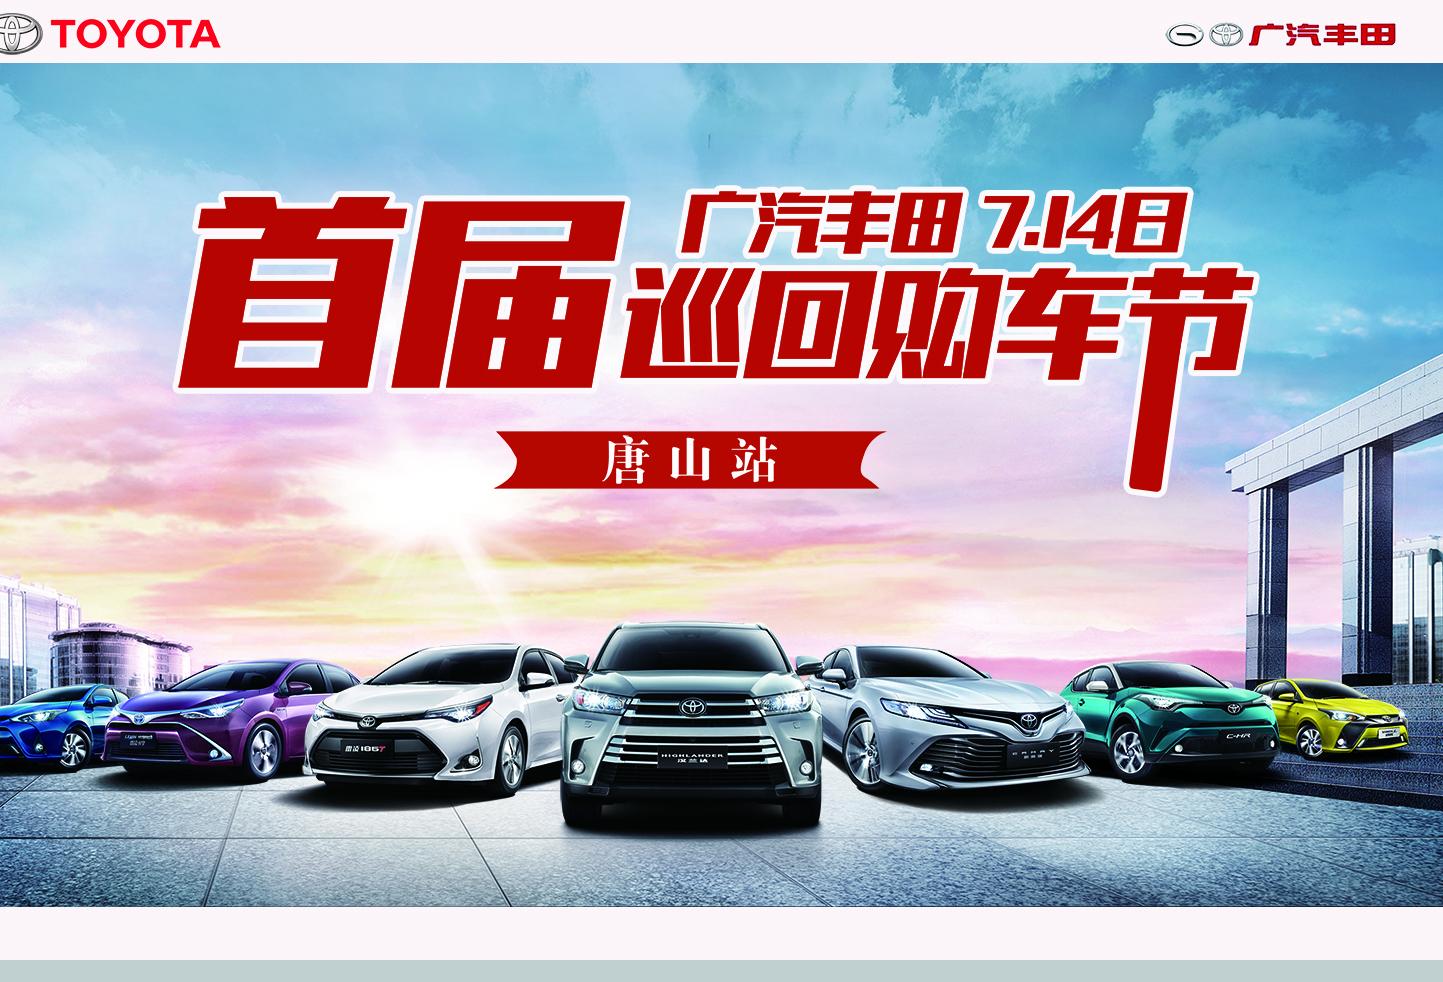 2018大发彩票网—大发快三吧首届巡回购车节(唐山站)